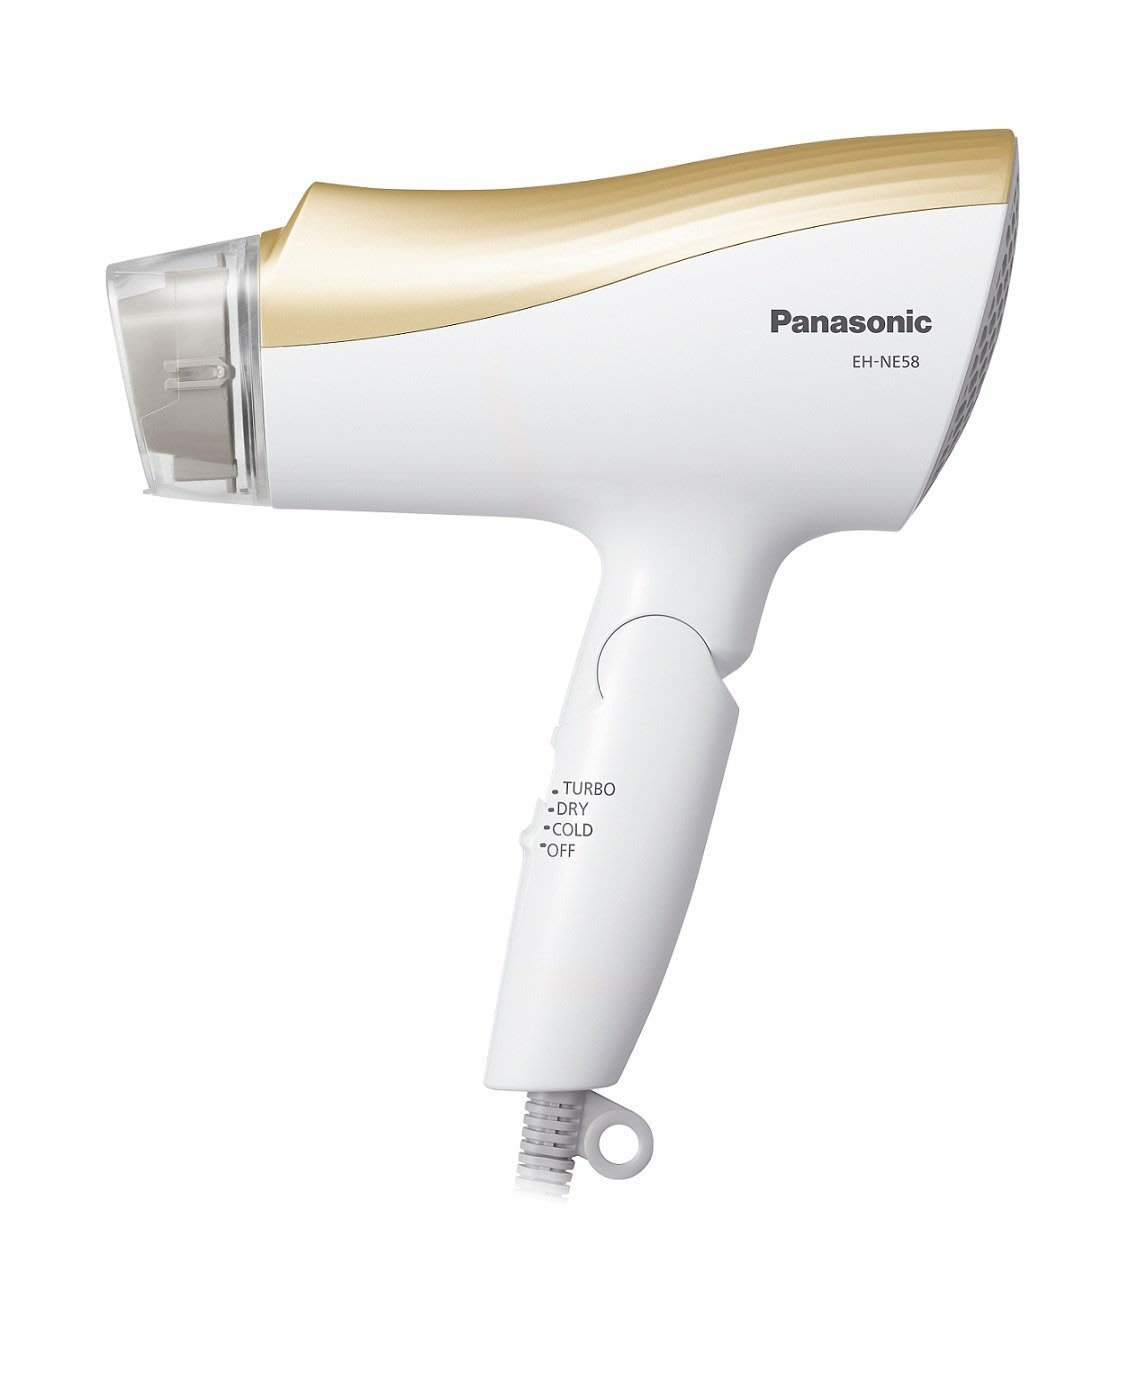 日本原裝 國際牌 Panasonic EH-NE5A 吹風機 速乾 大風量  折疊 負離子 美髮NE58 【全日空】